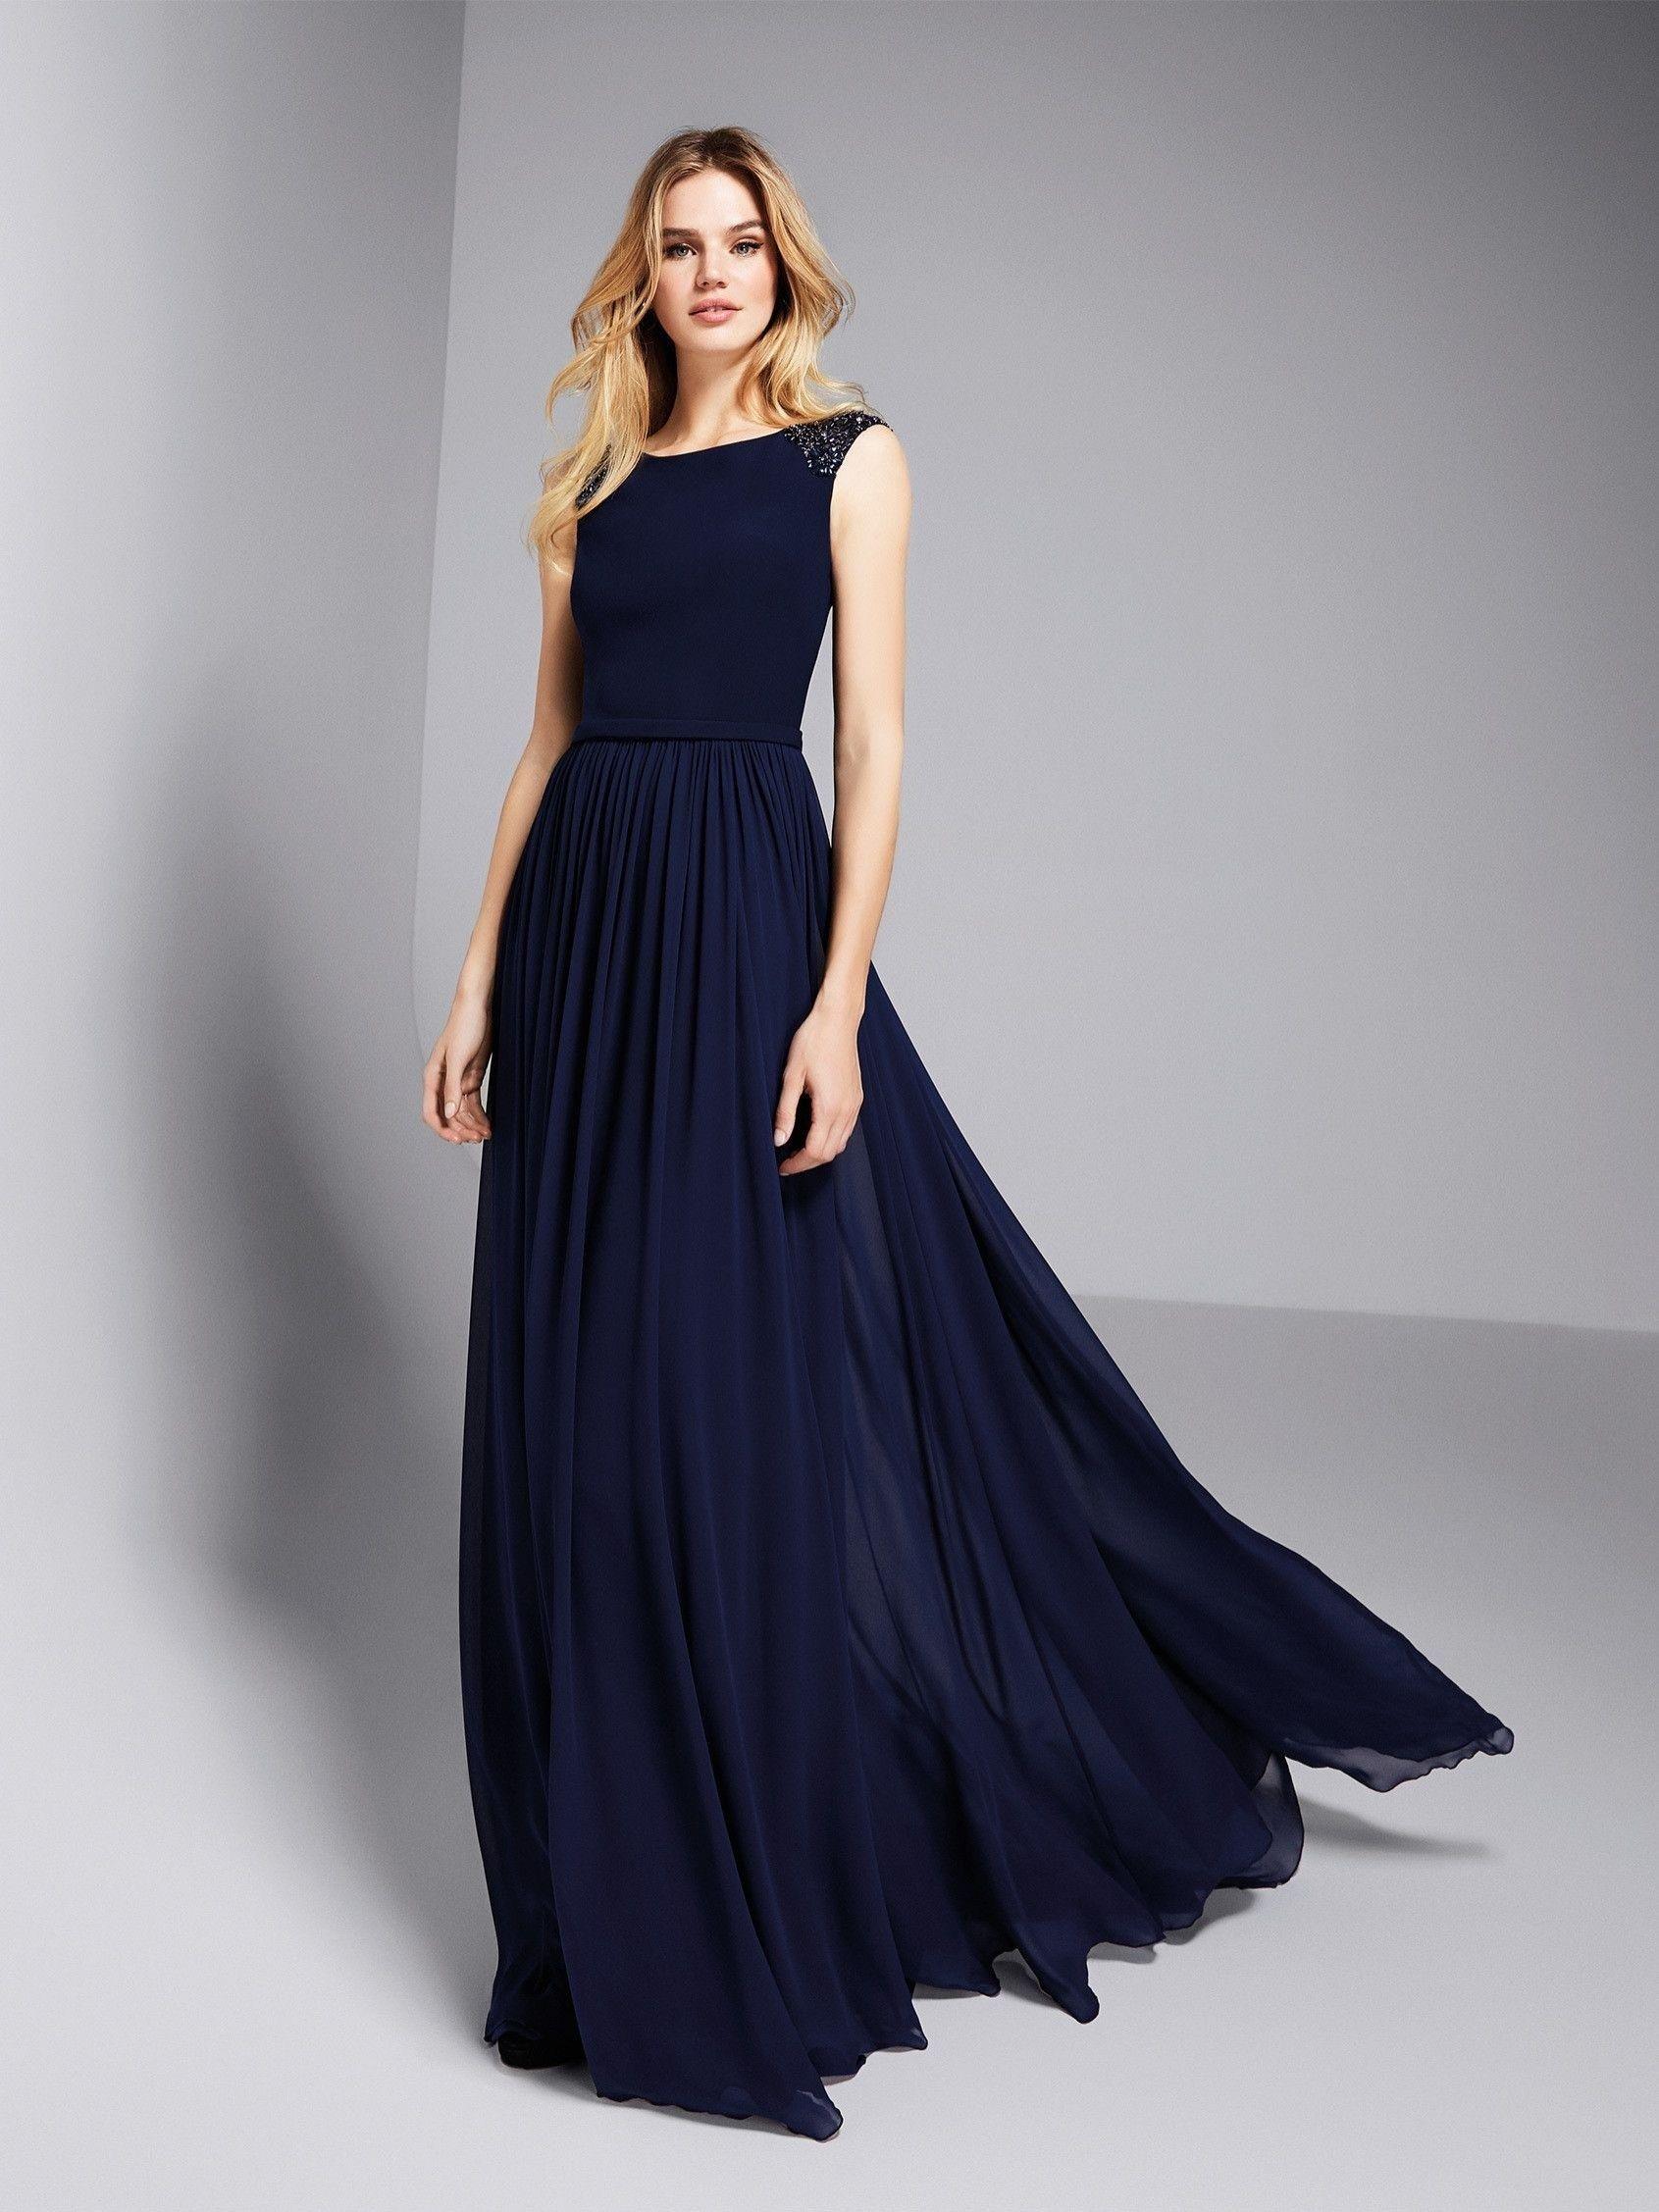 lange abendkleider - Top Modische Kleider  Abendkleid, Langes